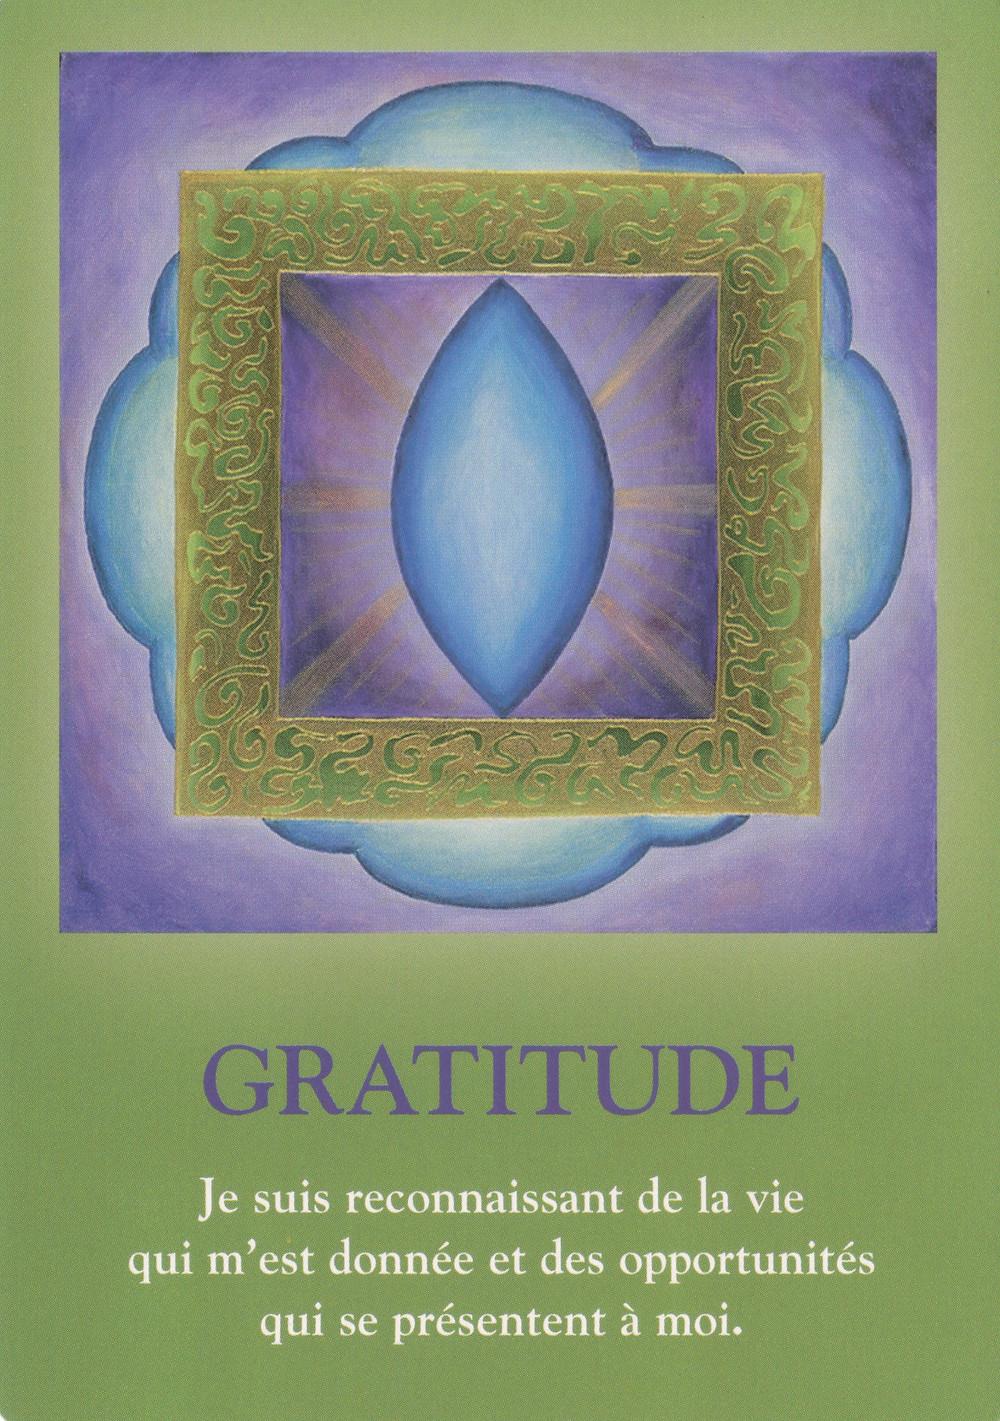 Carte tirée de L'Oracle Le Cheminement de l'Âme, de James Van Praagh - Gratitude - Energies du weekend du 13 14 15 septembre 2019, Pleine Lune du 14 : on s'exprime, on s'unit, on guérit !